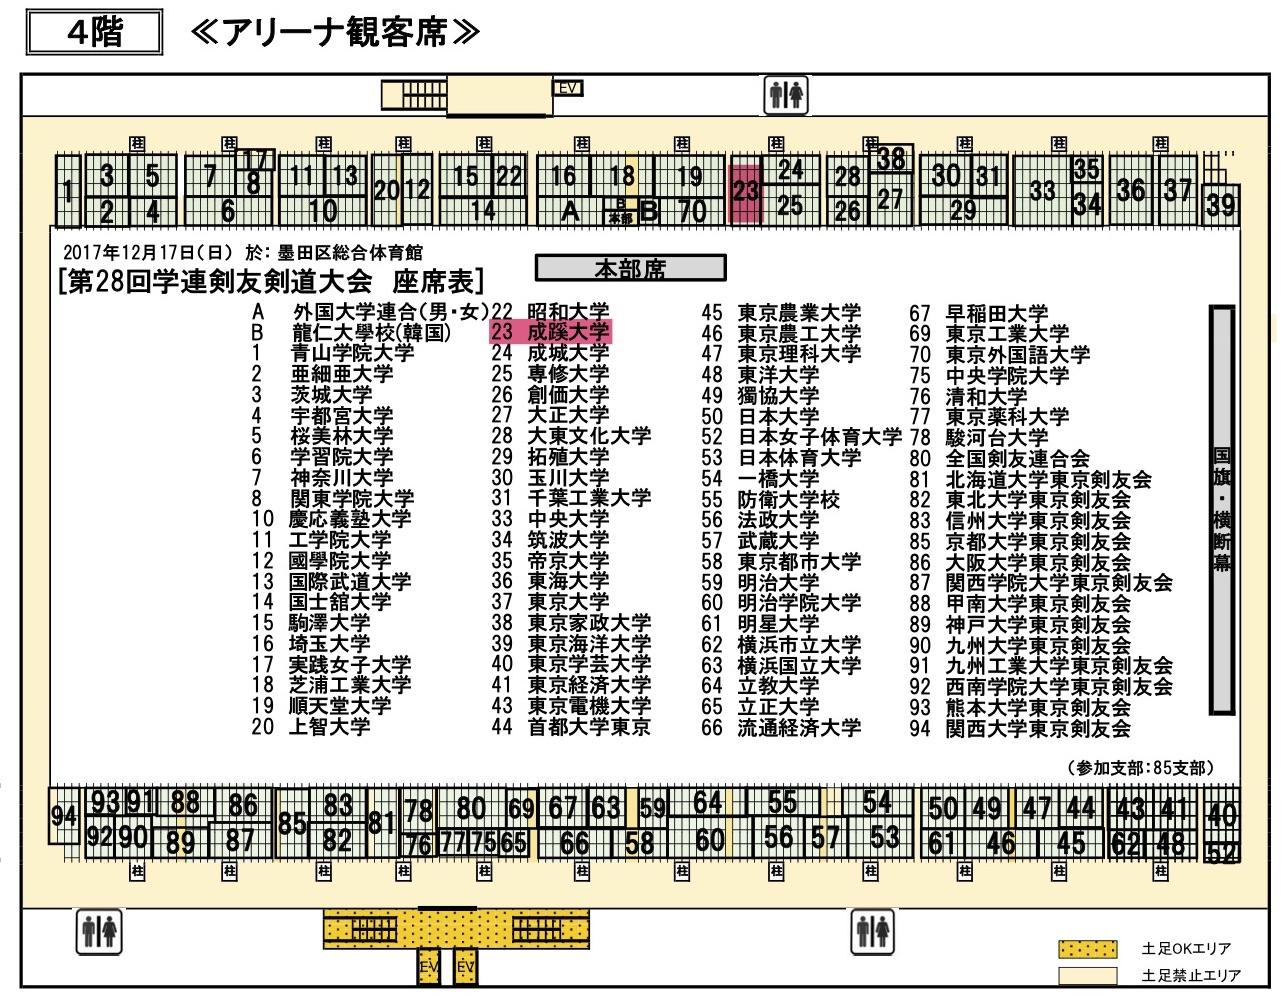 【ご案内】第28回学連剣友剣道大会情報